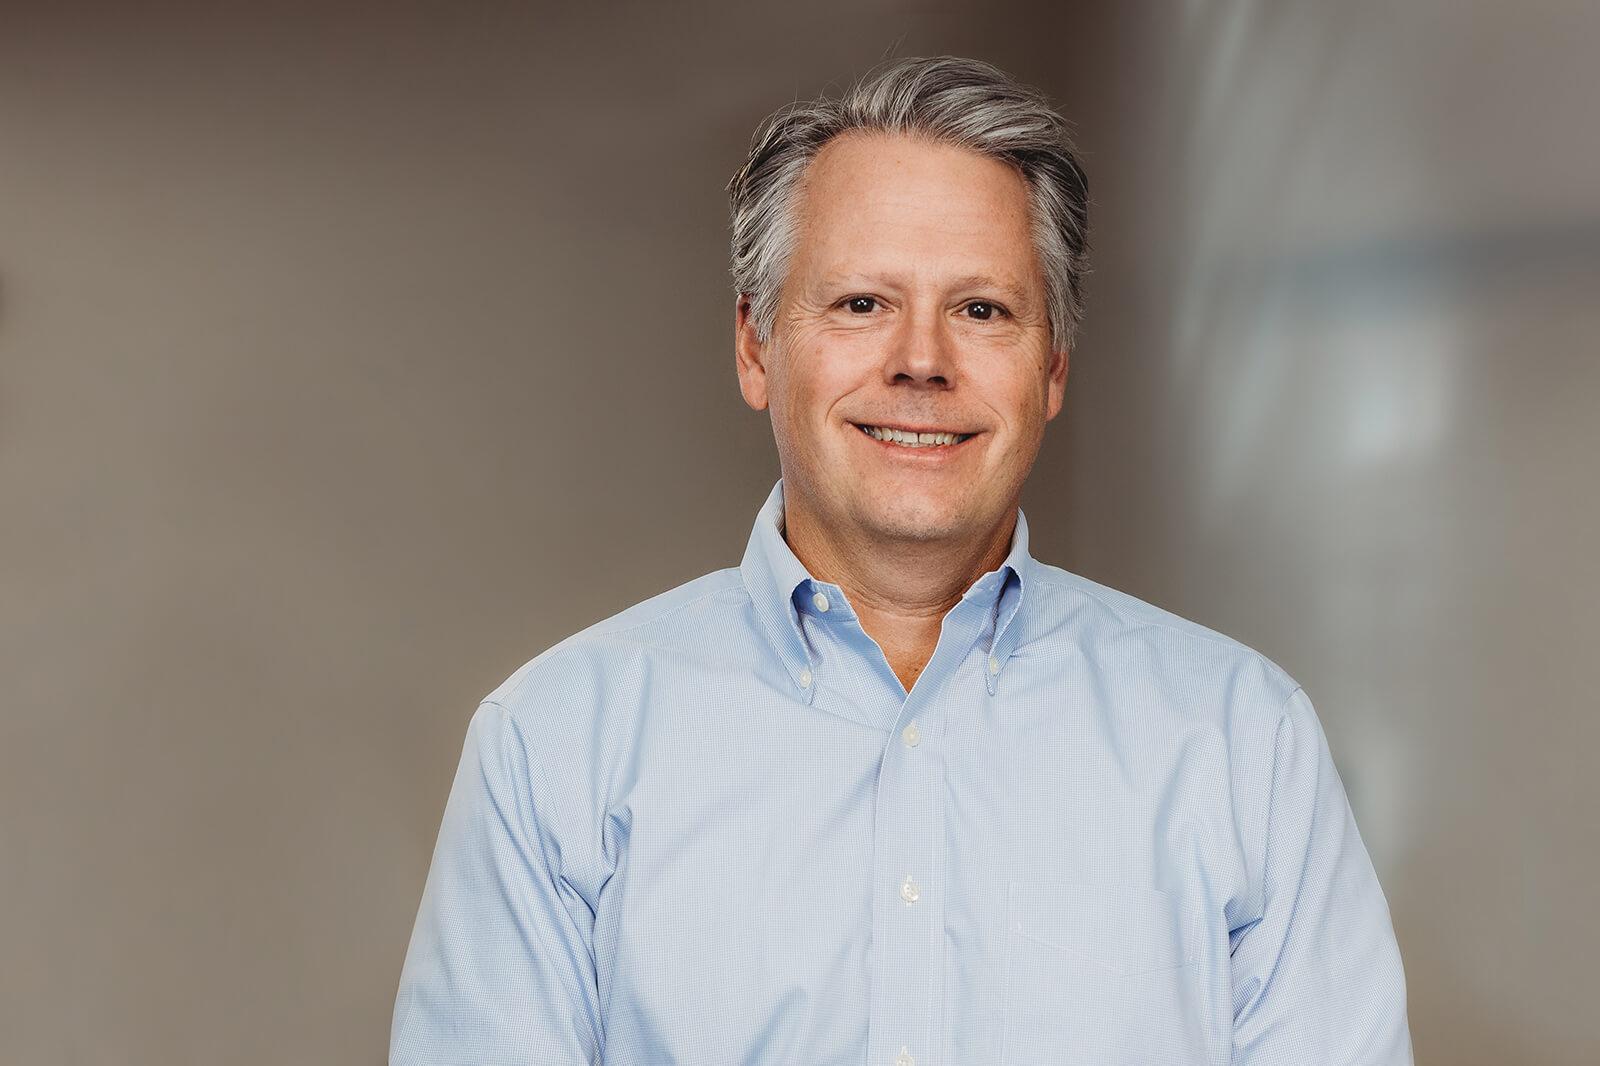 Peter J. Groezinger CFO